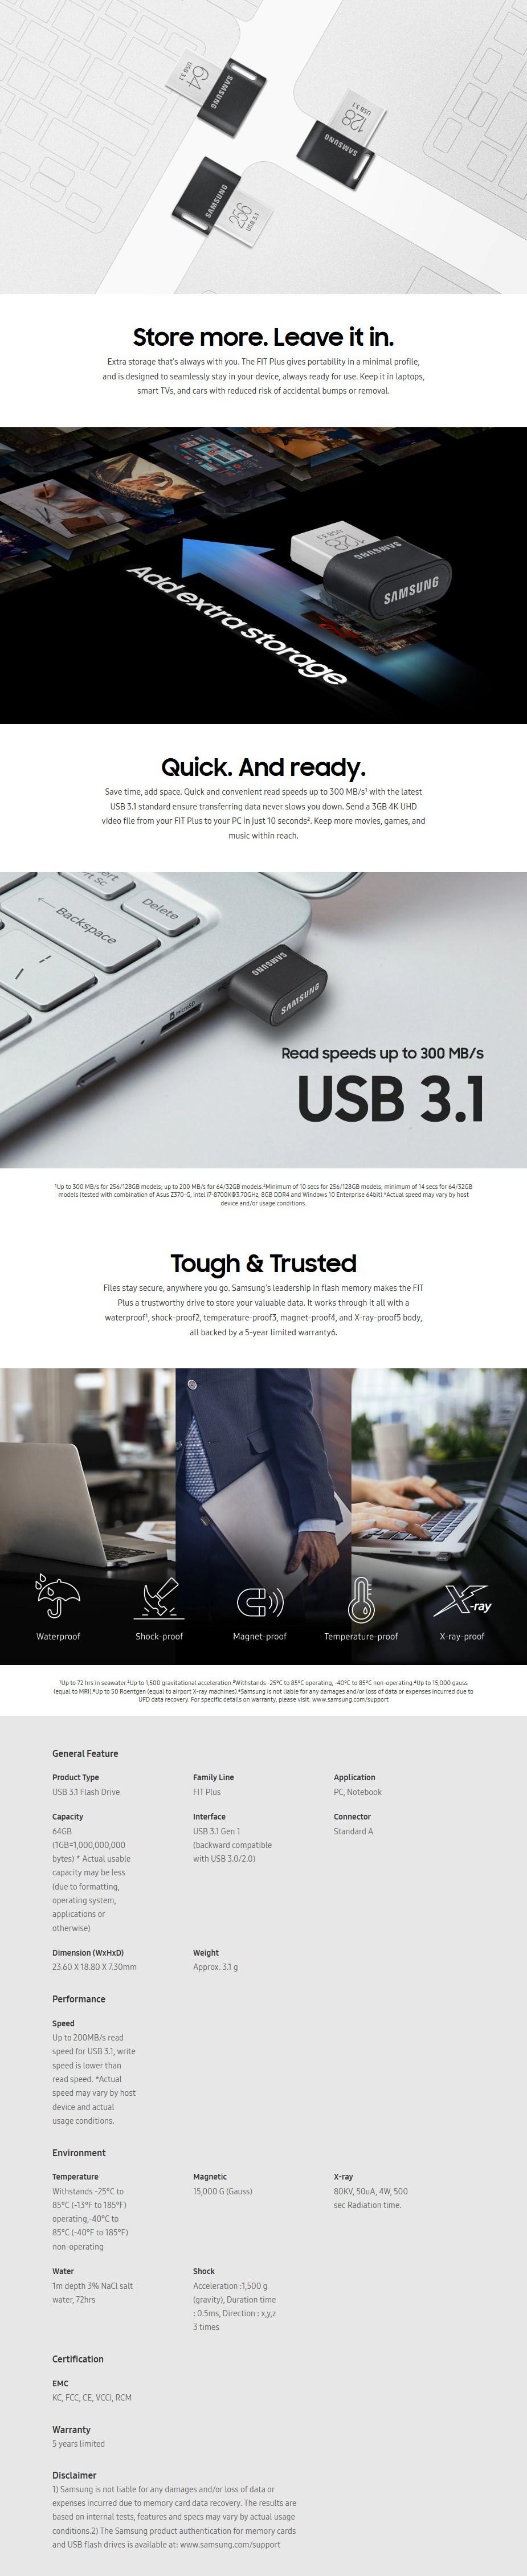 Samsung MUF-64AB/APC 64GB USB 3.0 FIT Plus Flash Drive - Overview 1